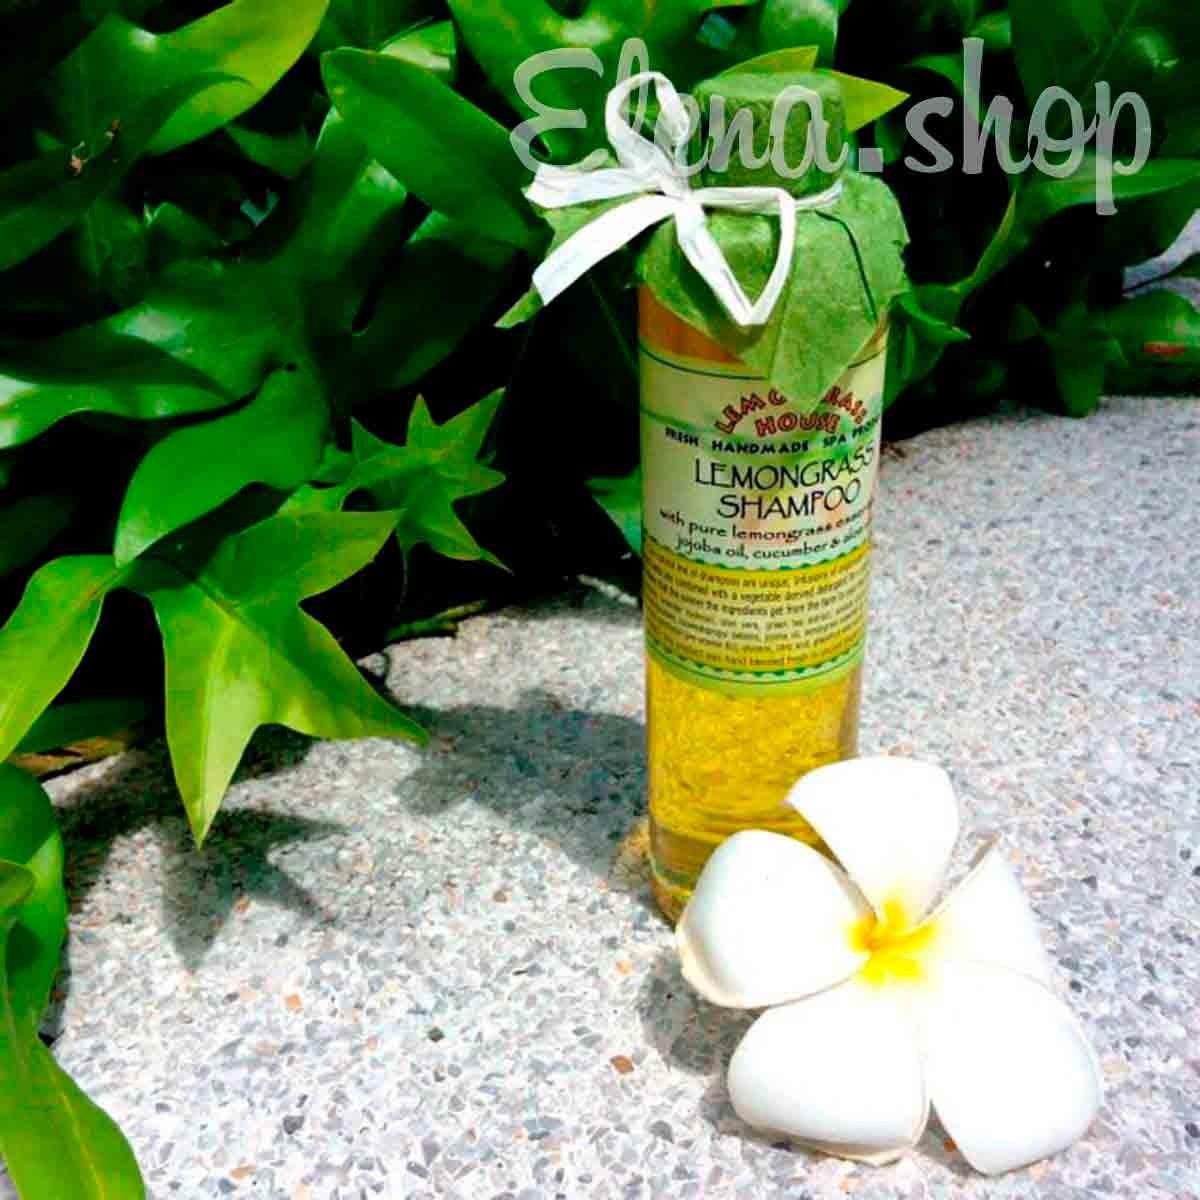 Шампунь для жирных волос с Лемонграсcом от Lemongrass House